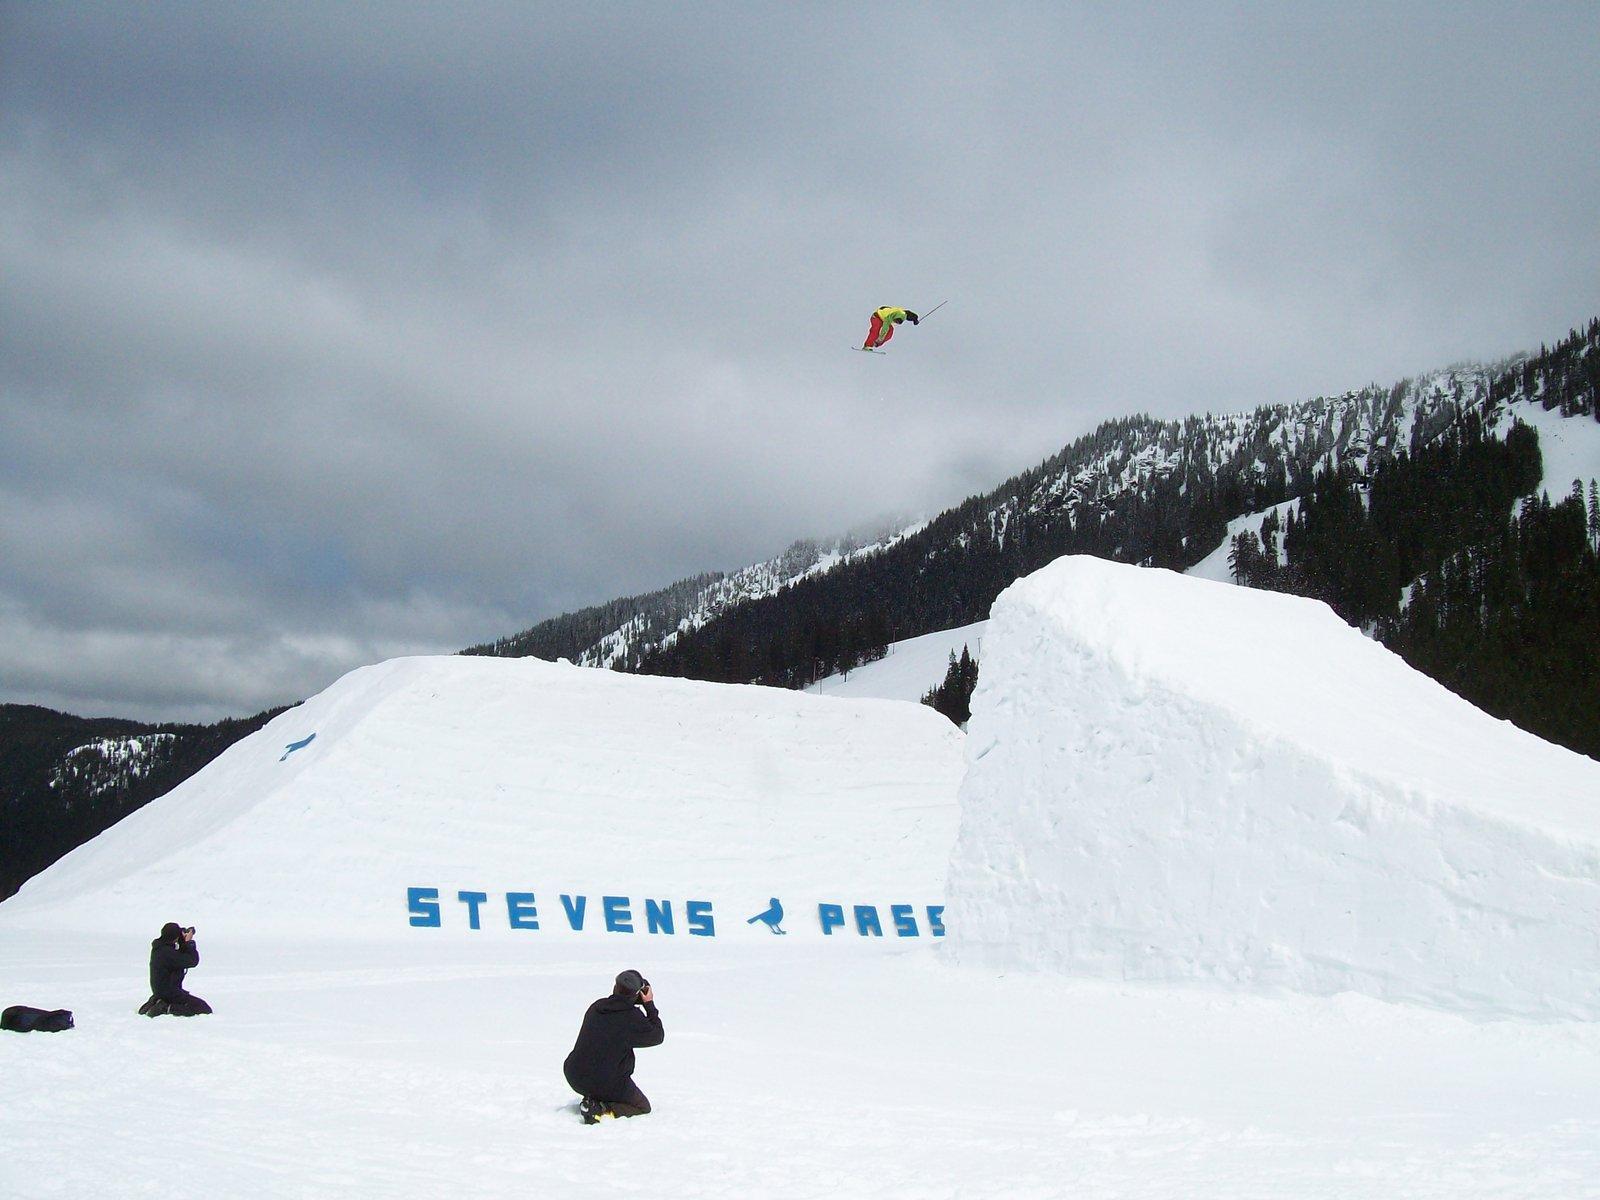 Stevens TGR - 1 of 2